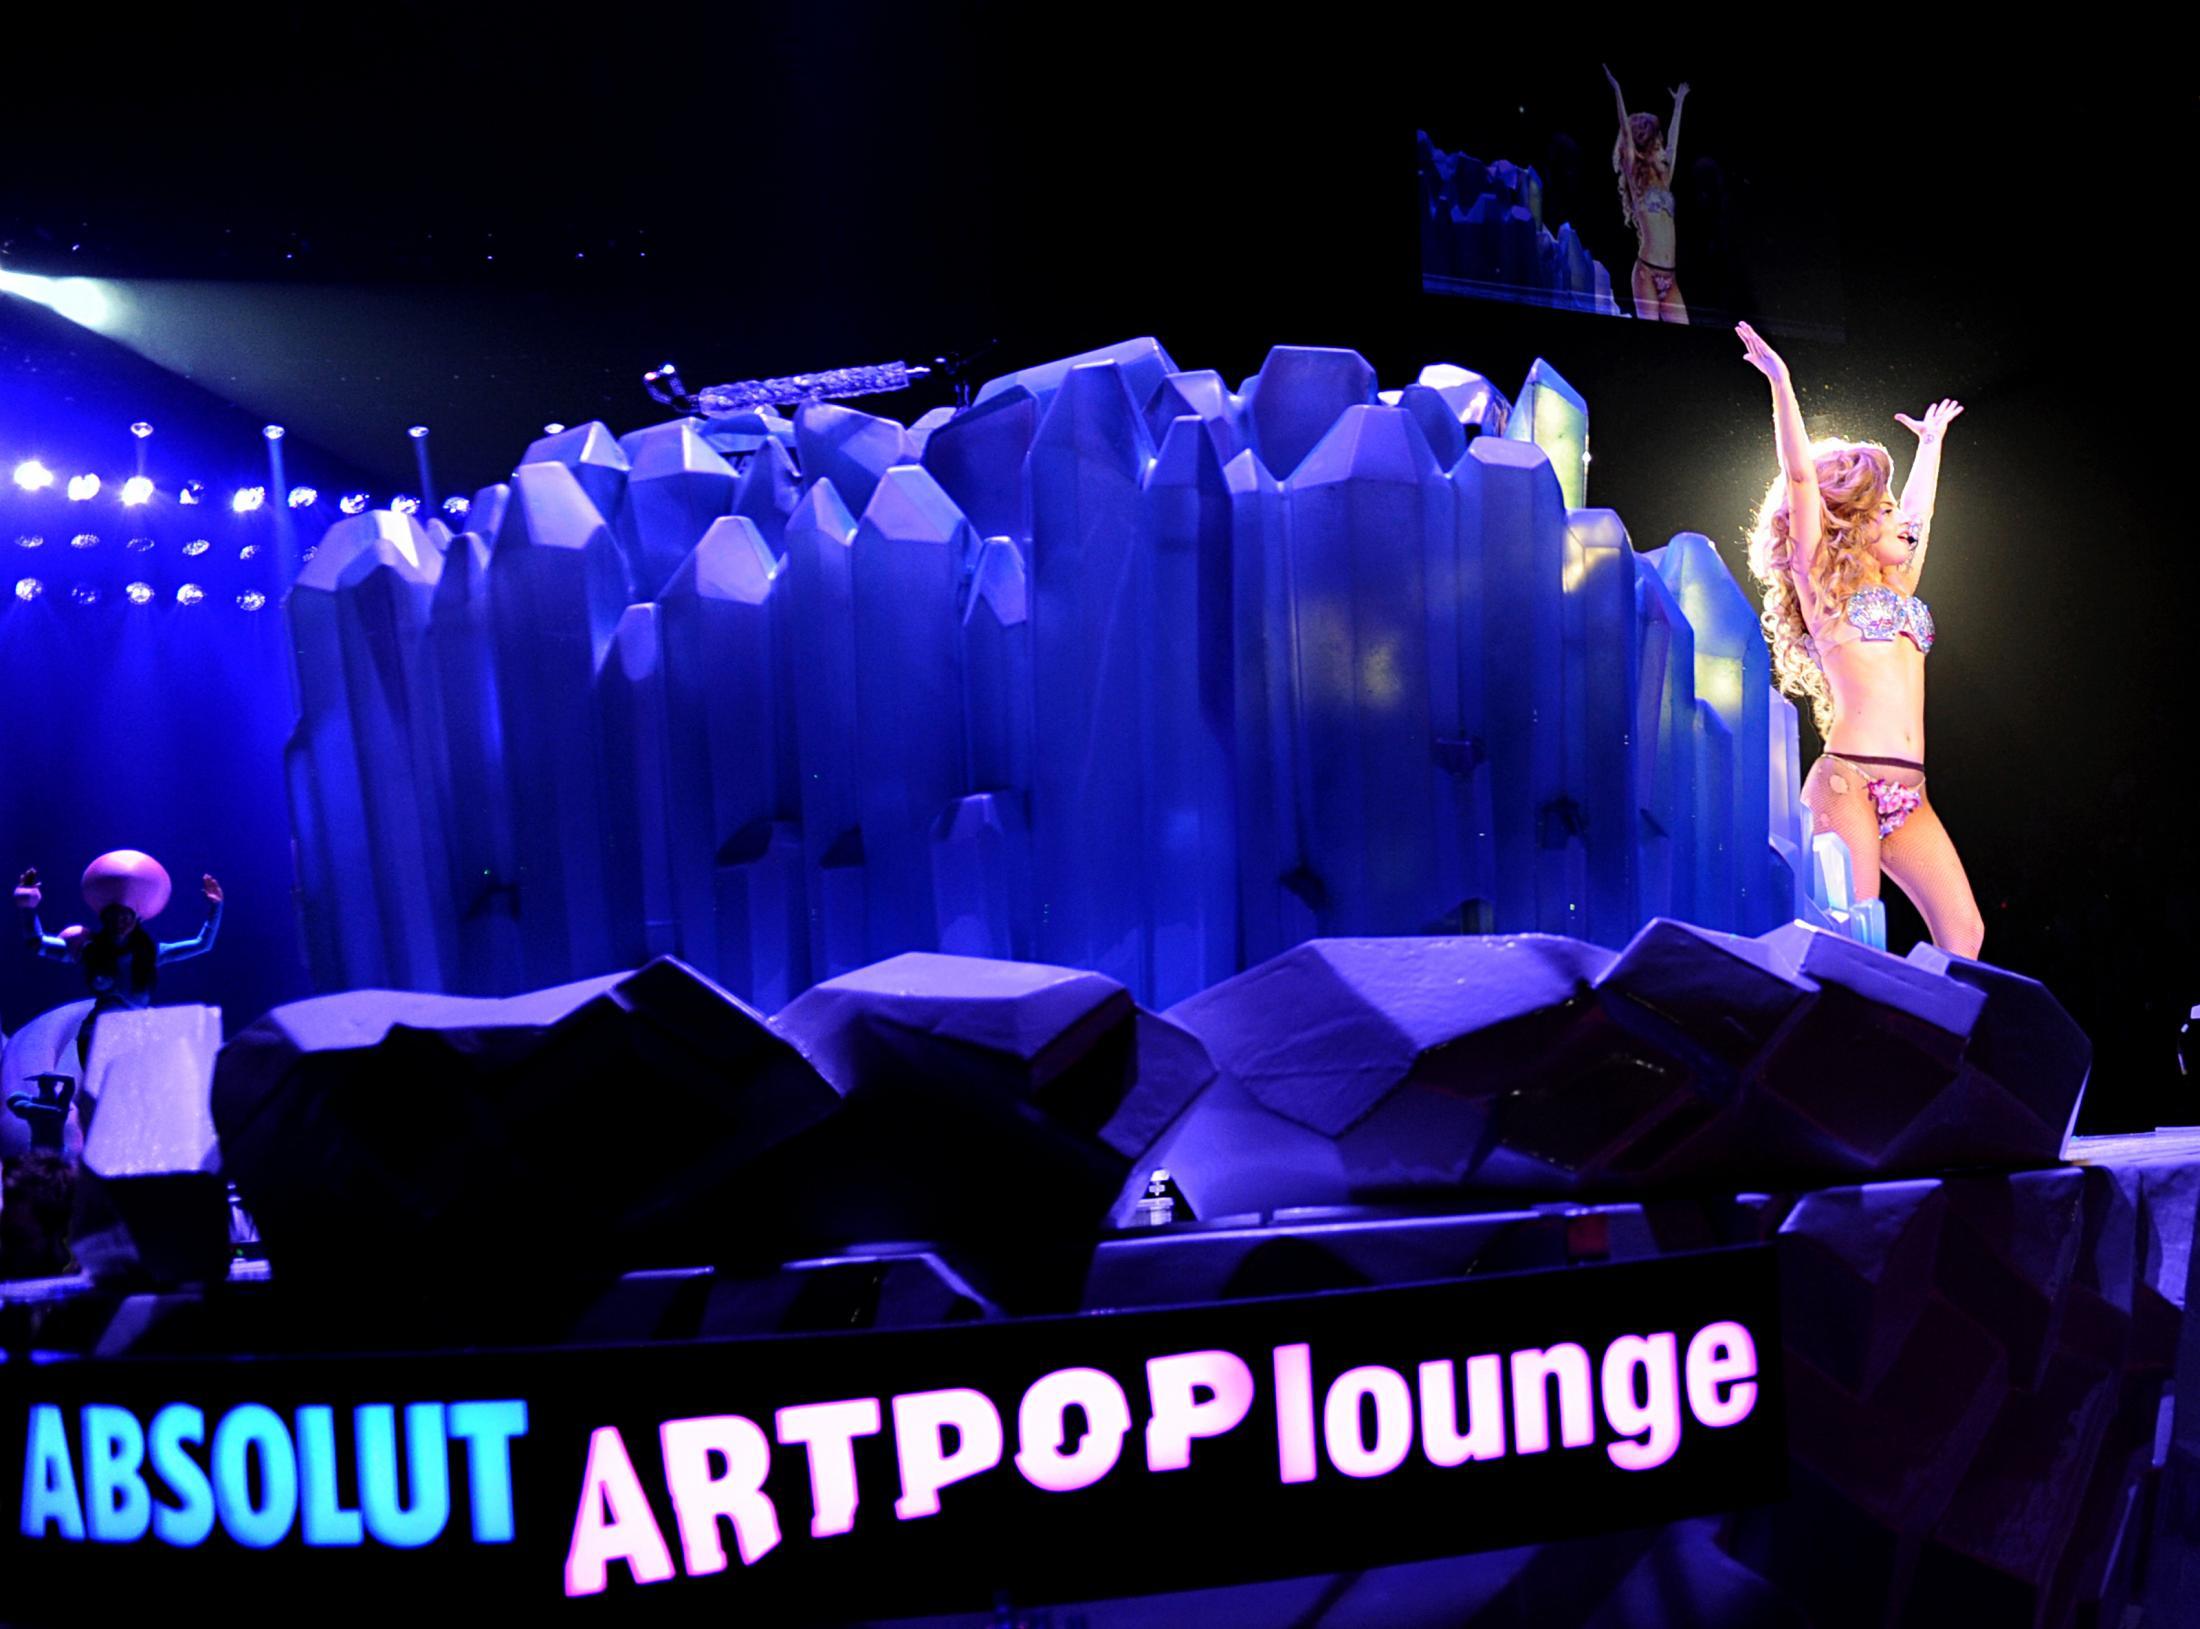 Thumbnail for Absolut ARTPop Lounge